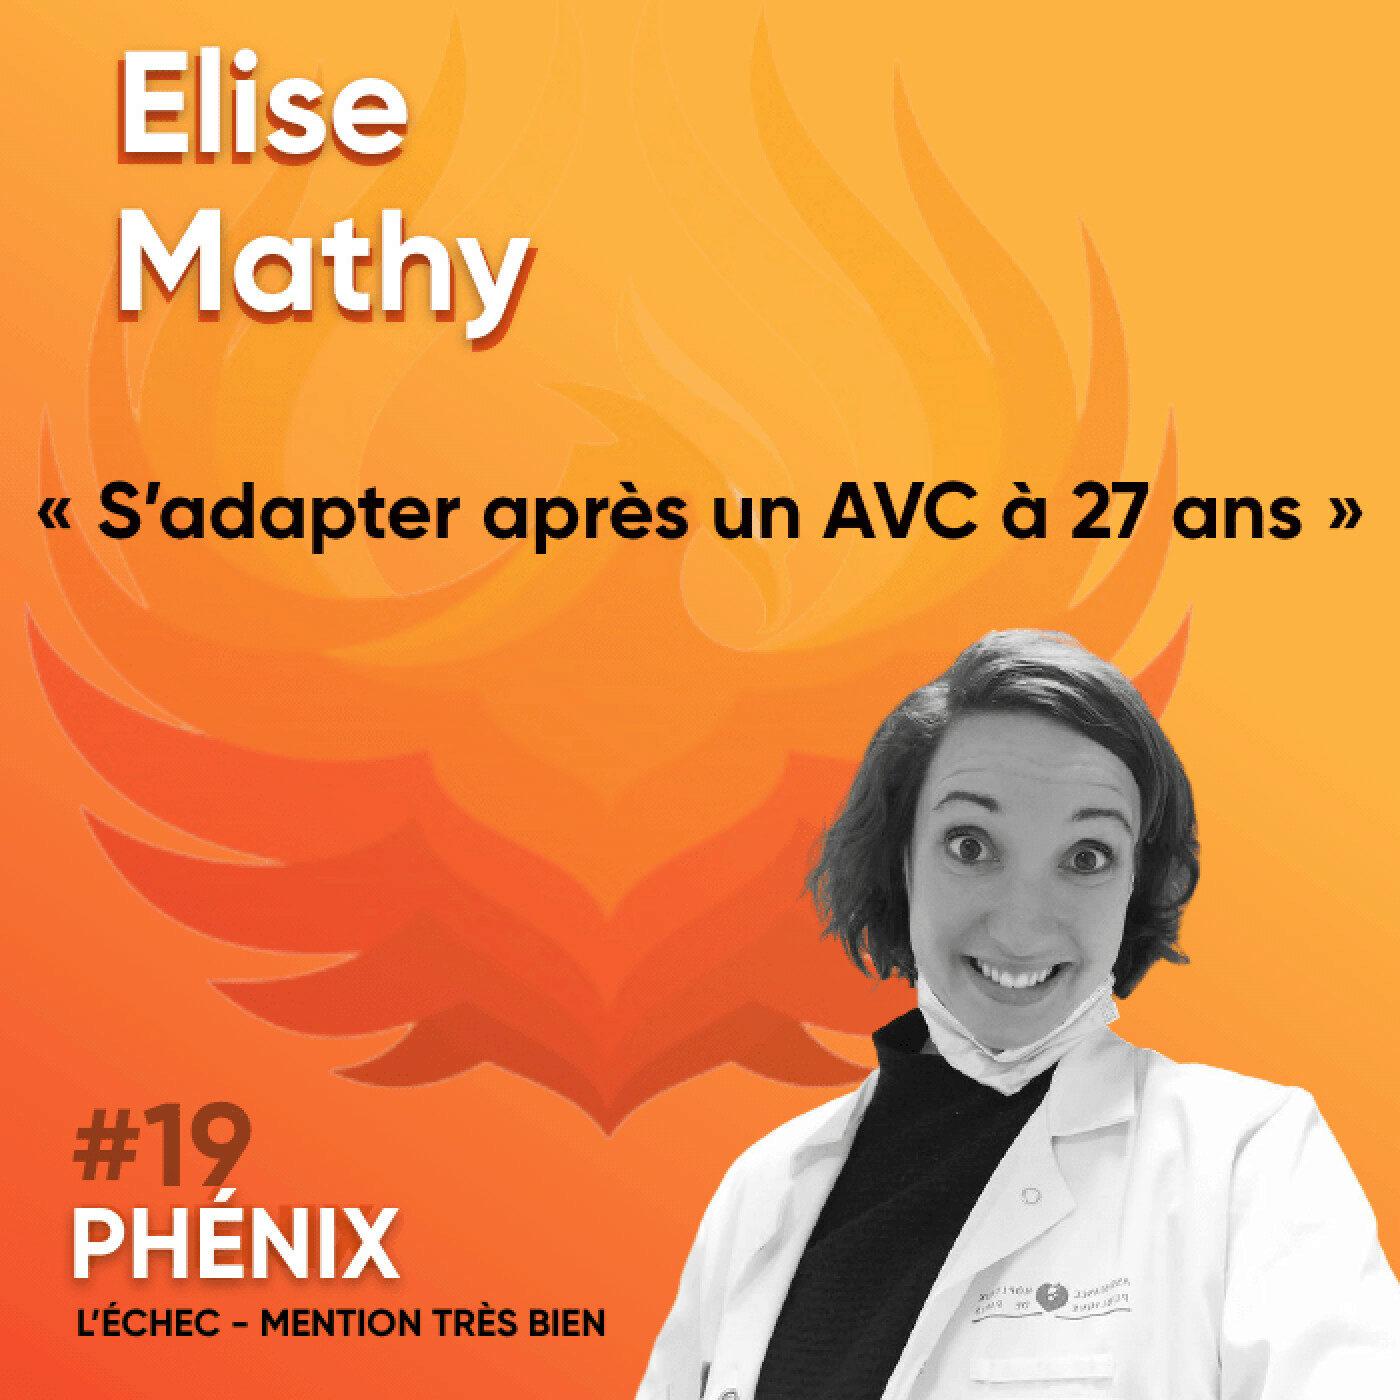 #19 🧠 - Elise Mathy - S'adapter après un AVC à 27 ans